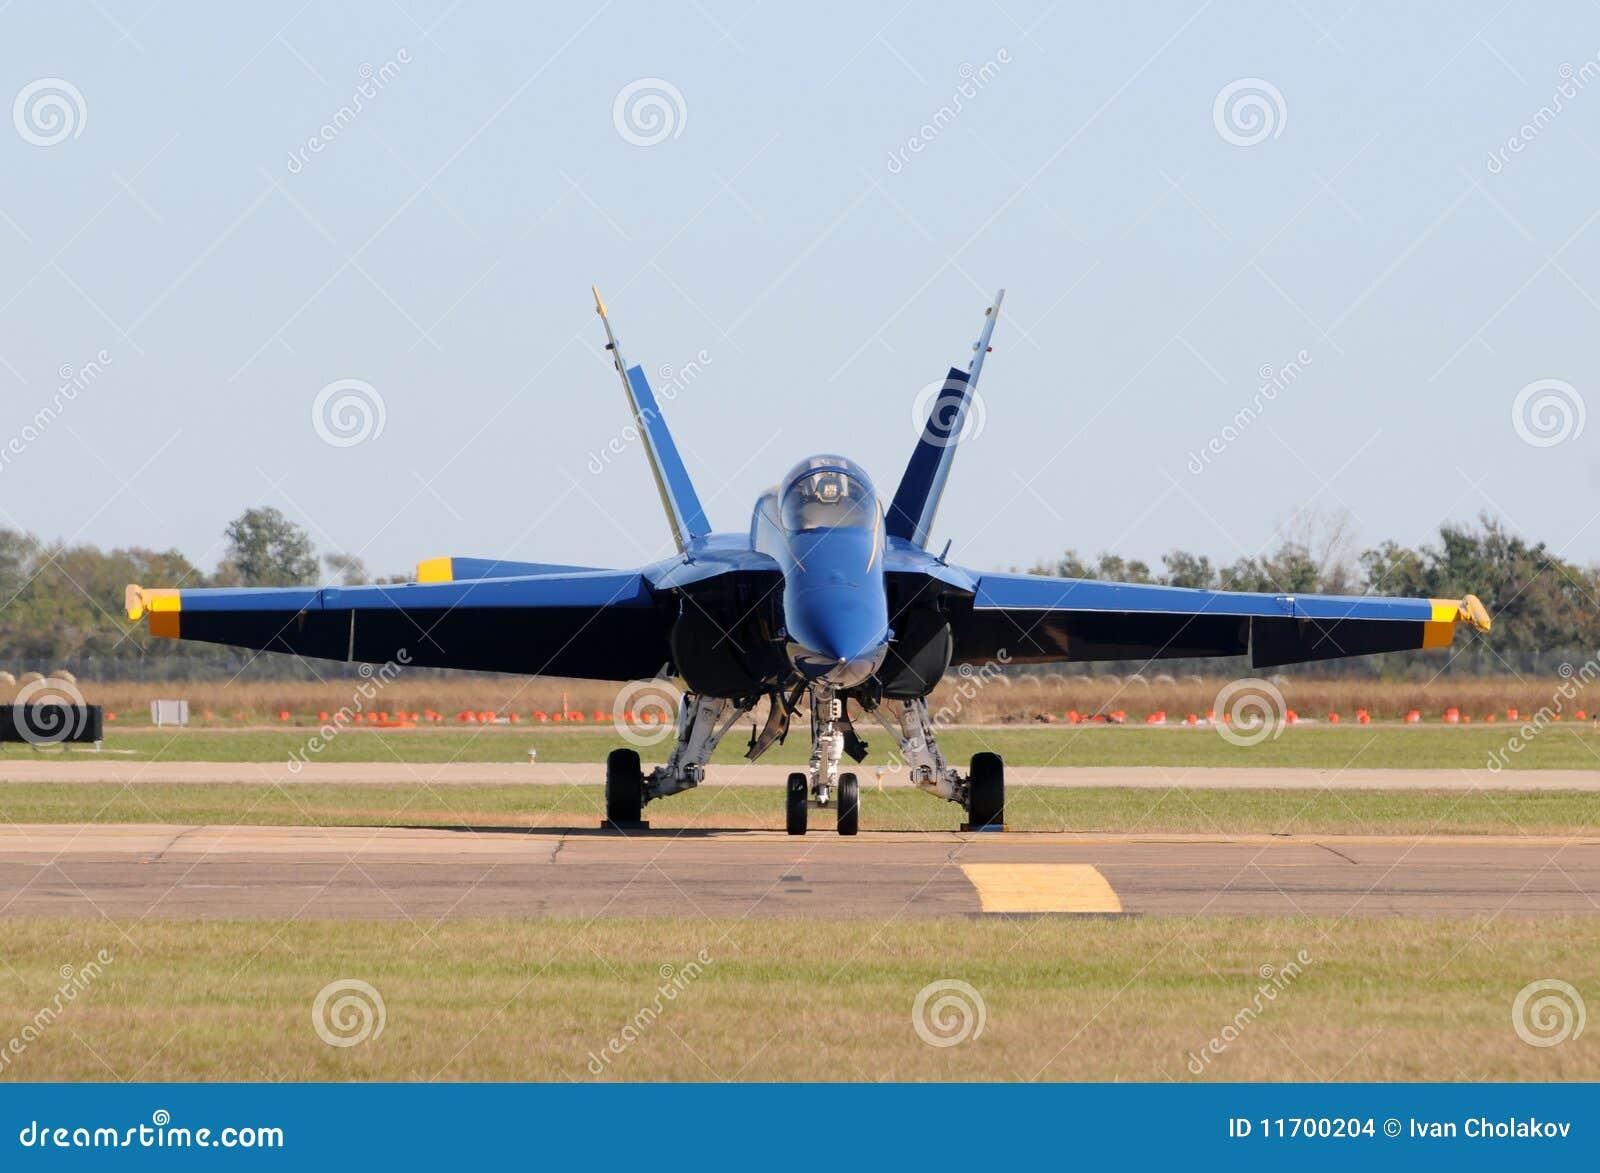 Aereo Da Caccia Americano : Vista frontale dell aereo da caccia moderno immagini stock